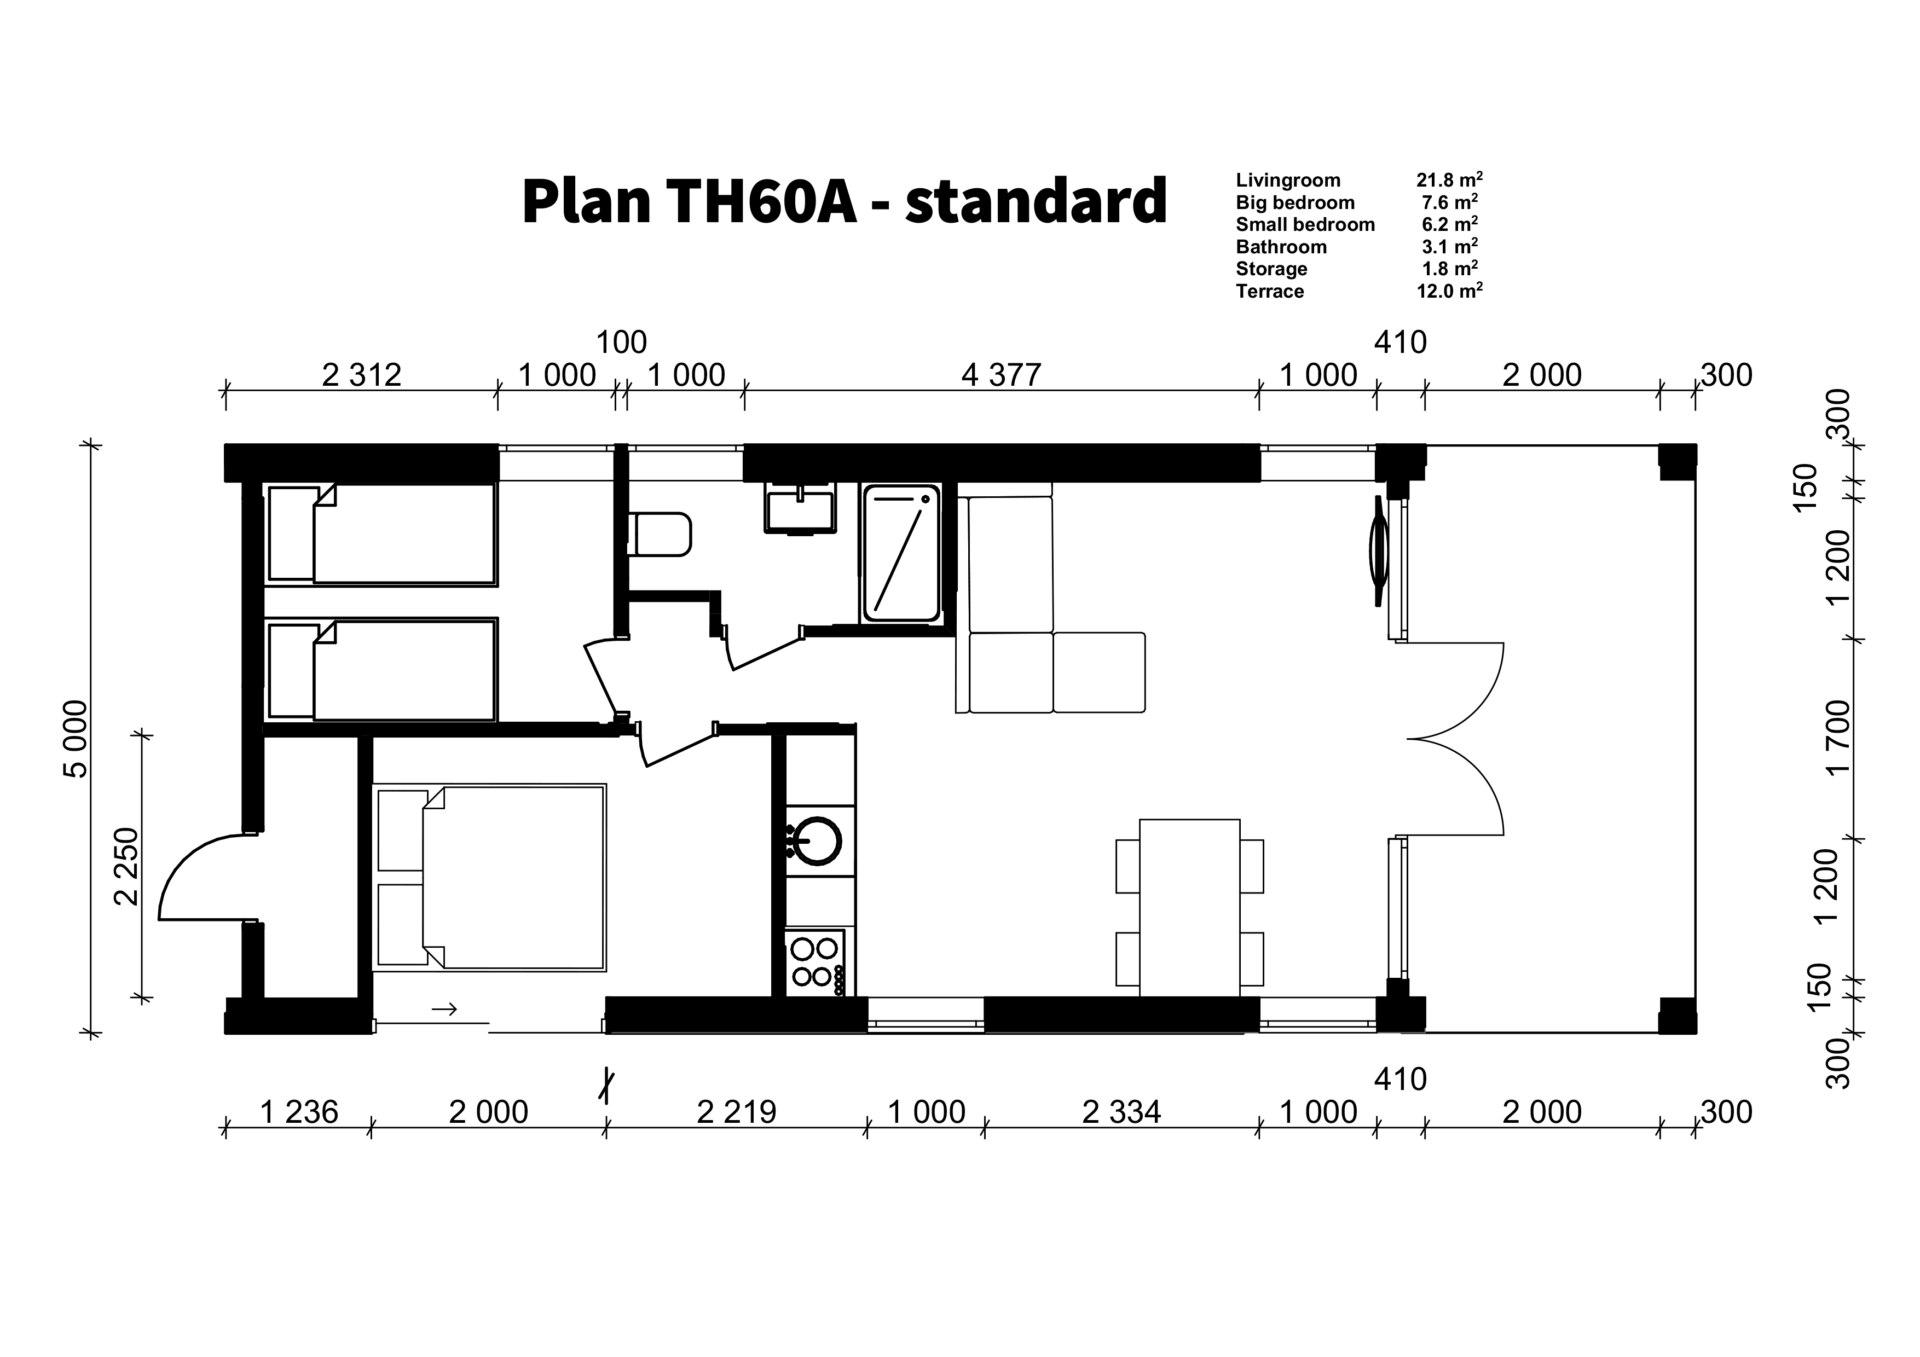 TH60A - standard plan